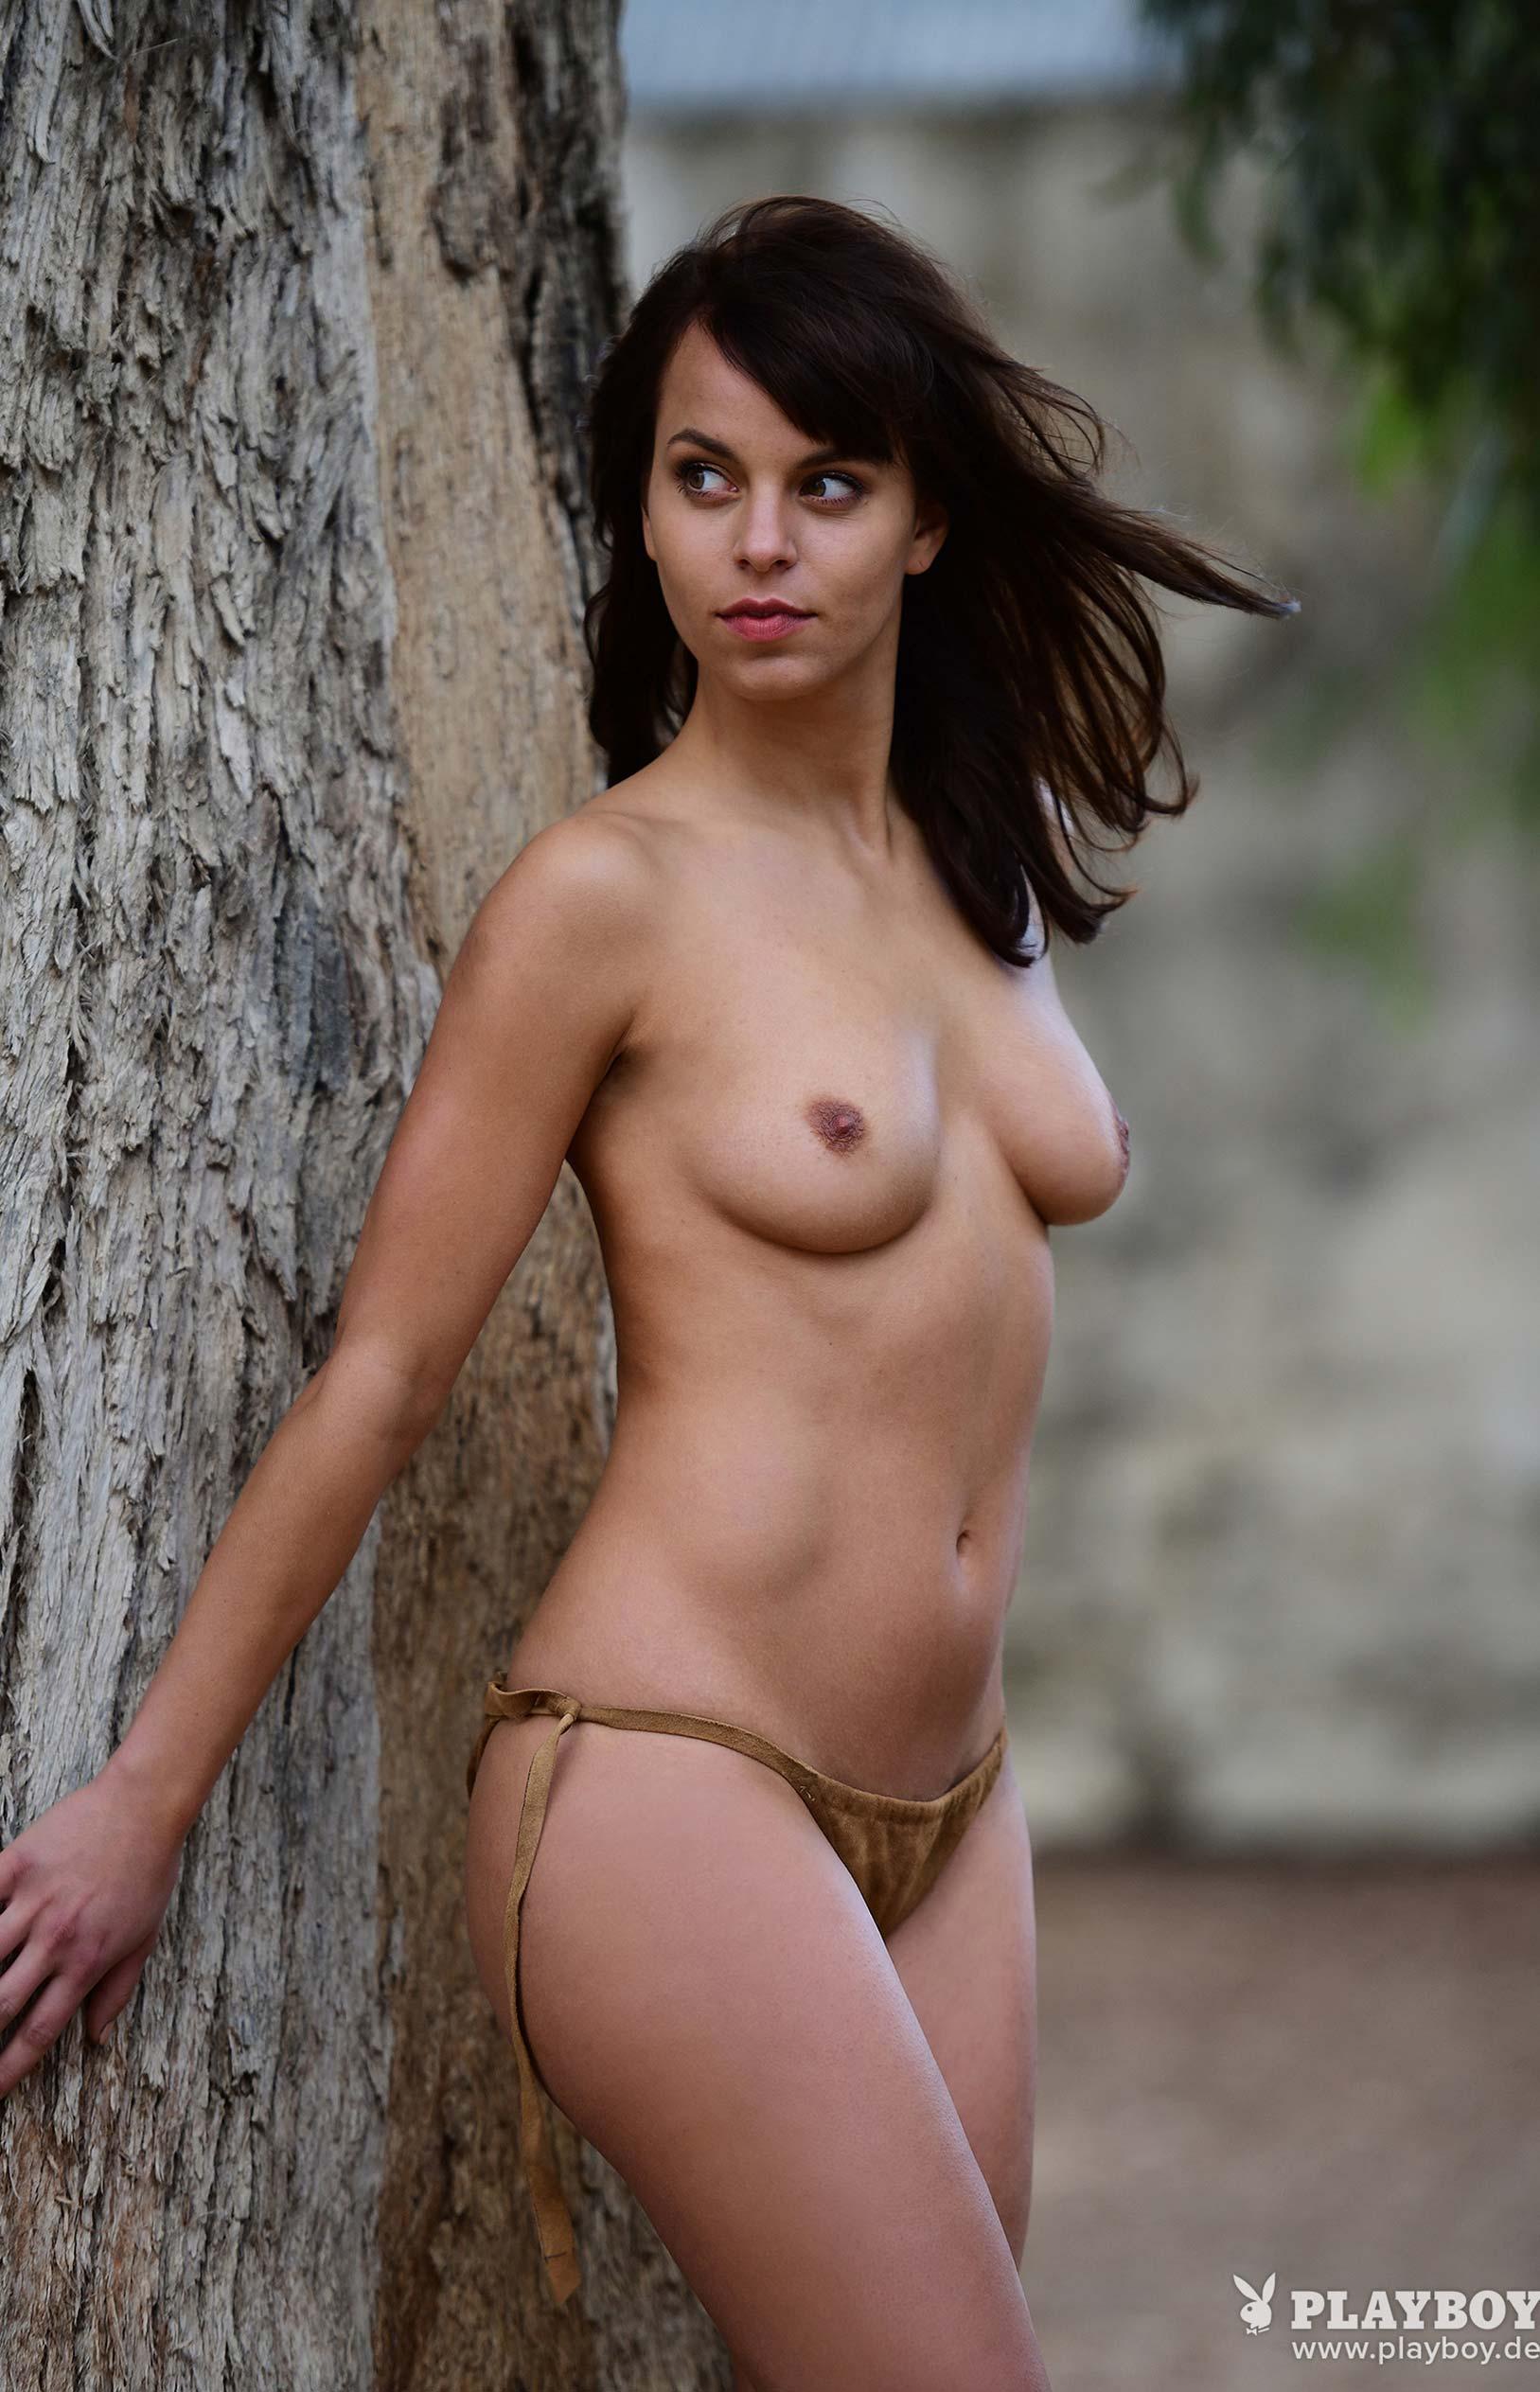 актриса Франциска Бенц голая на ферме в Южной Африке / фото 16